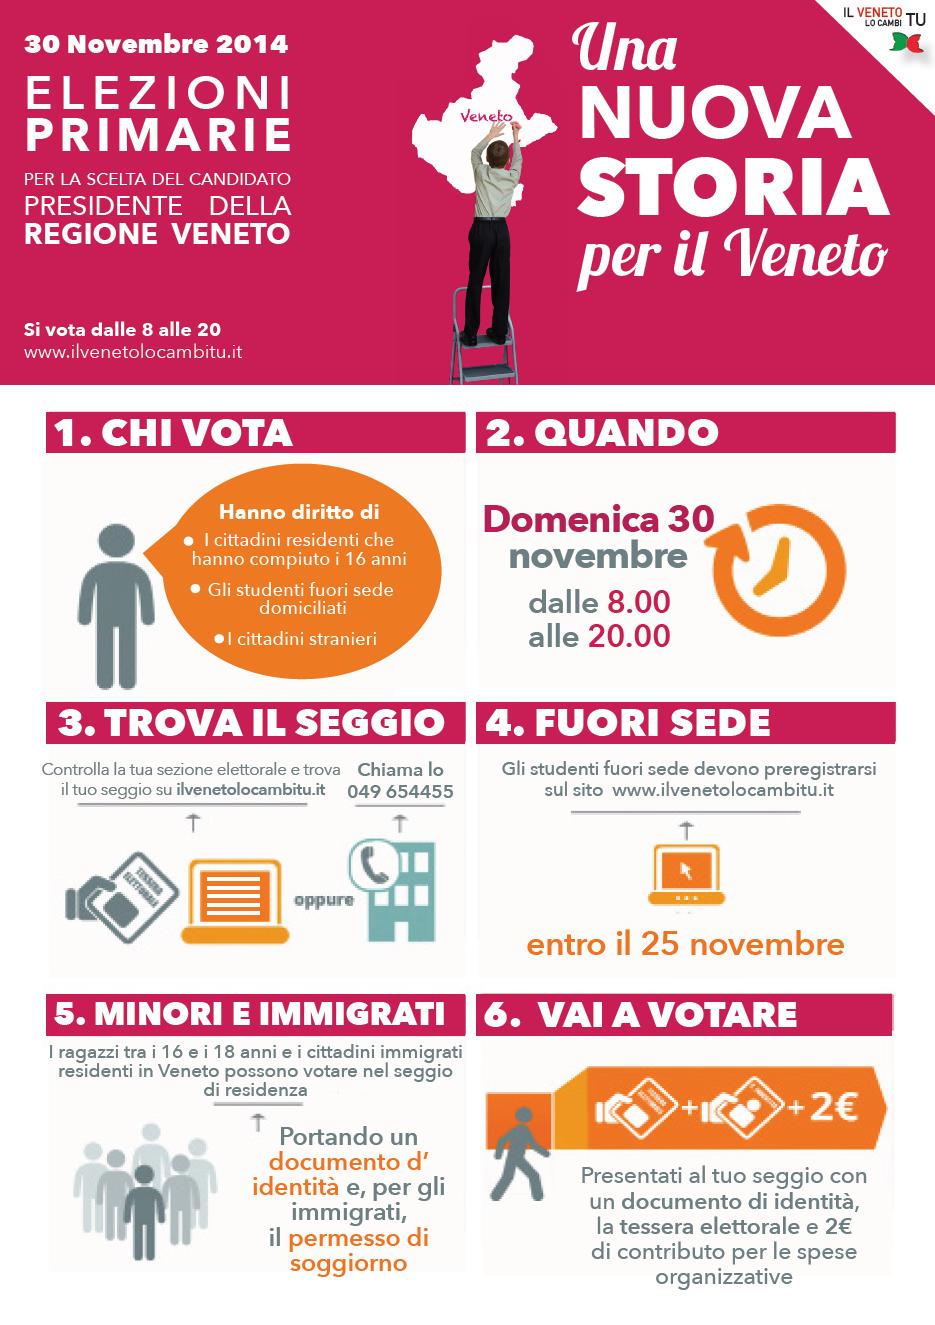 Come si vota - Primarie 30 Novembre 2014